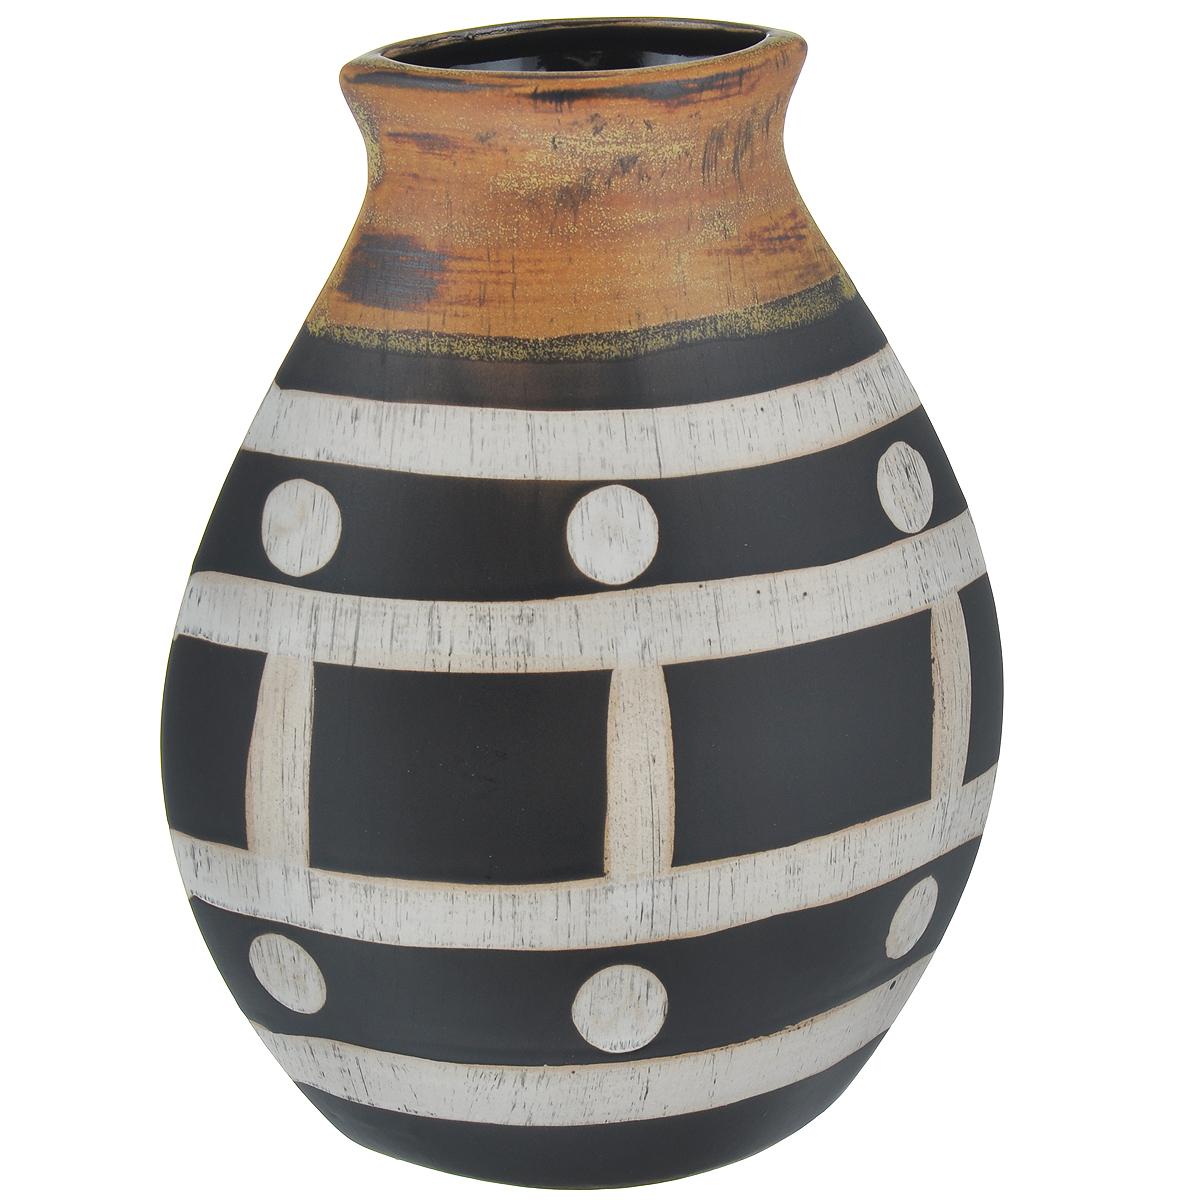 Ваза декоративная Этническая, высота 24 см37416Элегантная ваза Этническая выполнена из высококачественного глазурованного фаянса. Ваза овальной формы придется по вкусу и ценителям классики, и тем, кто предпочитает утонченность и изящность. Вы можете поставить вазу в любом месте, где она будет удачно смотреться и радовать глаз. Такая ваза подойдет и для цветов, и для декора интерьера. Кроме того - это отличный вариант подарка для ваших близких и друзей. Размер вазы: 18 см х 9 см х 24 см.